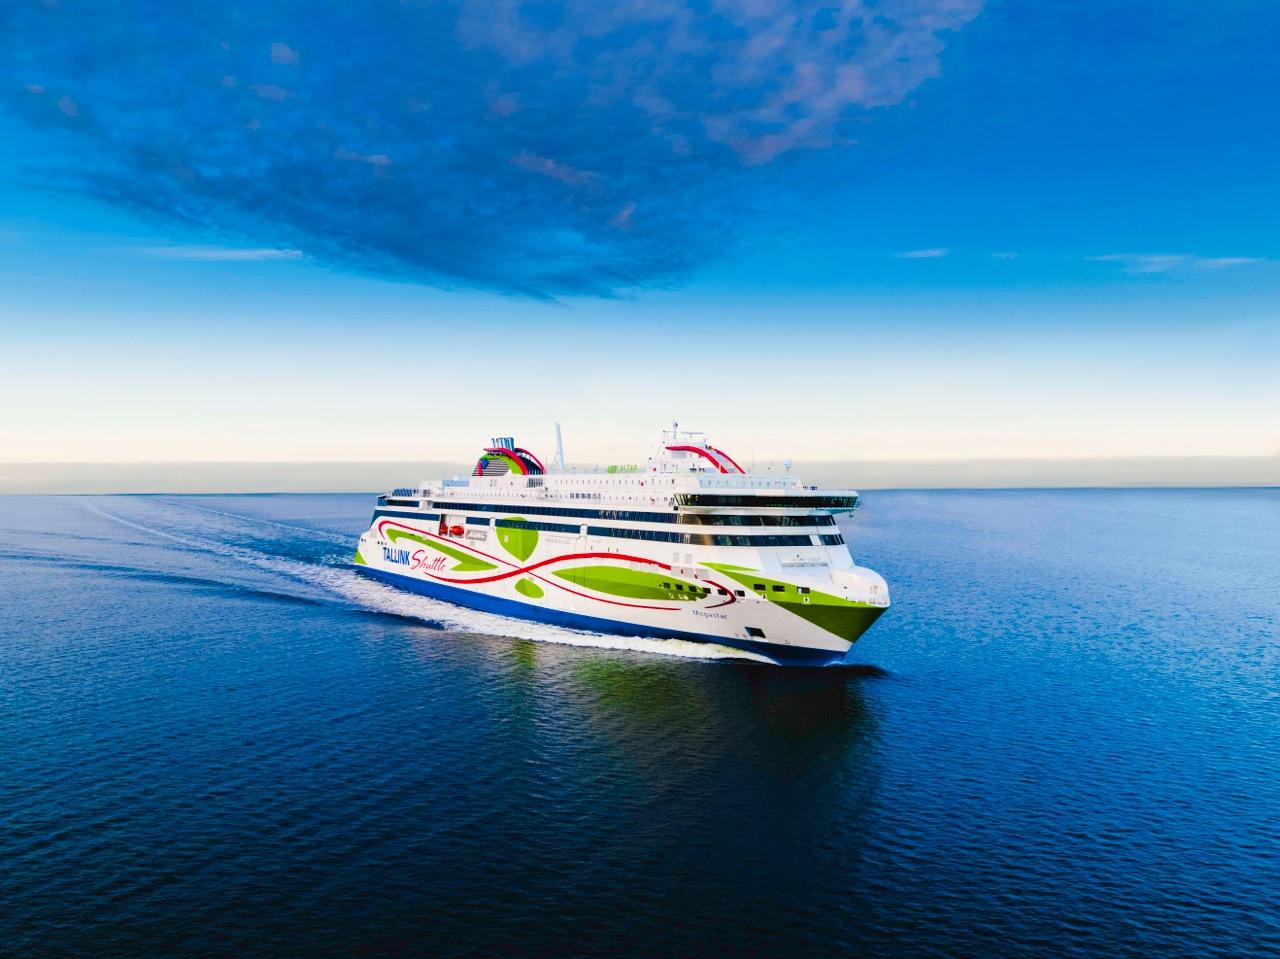 Megastar tõusis populaarsemaks laevaks Läänemerel